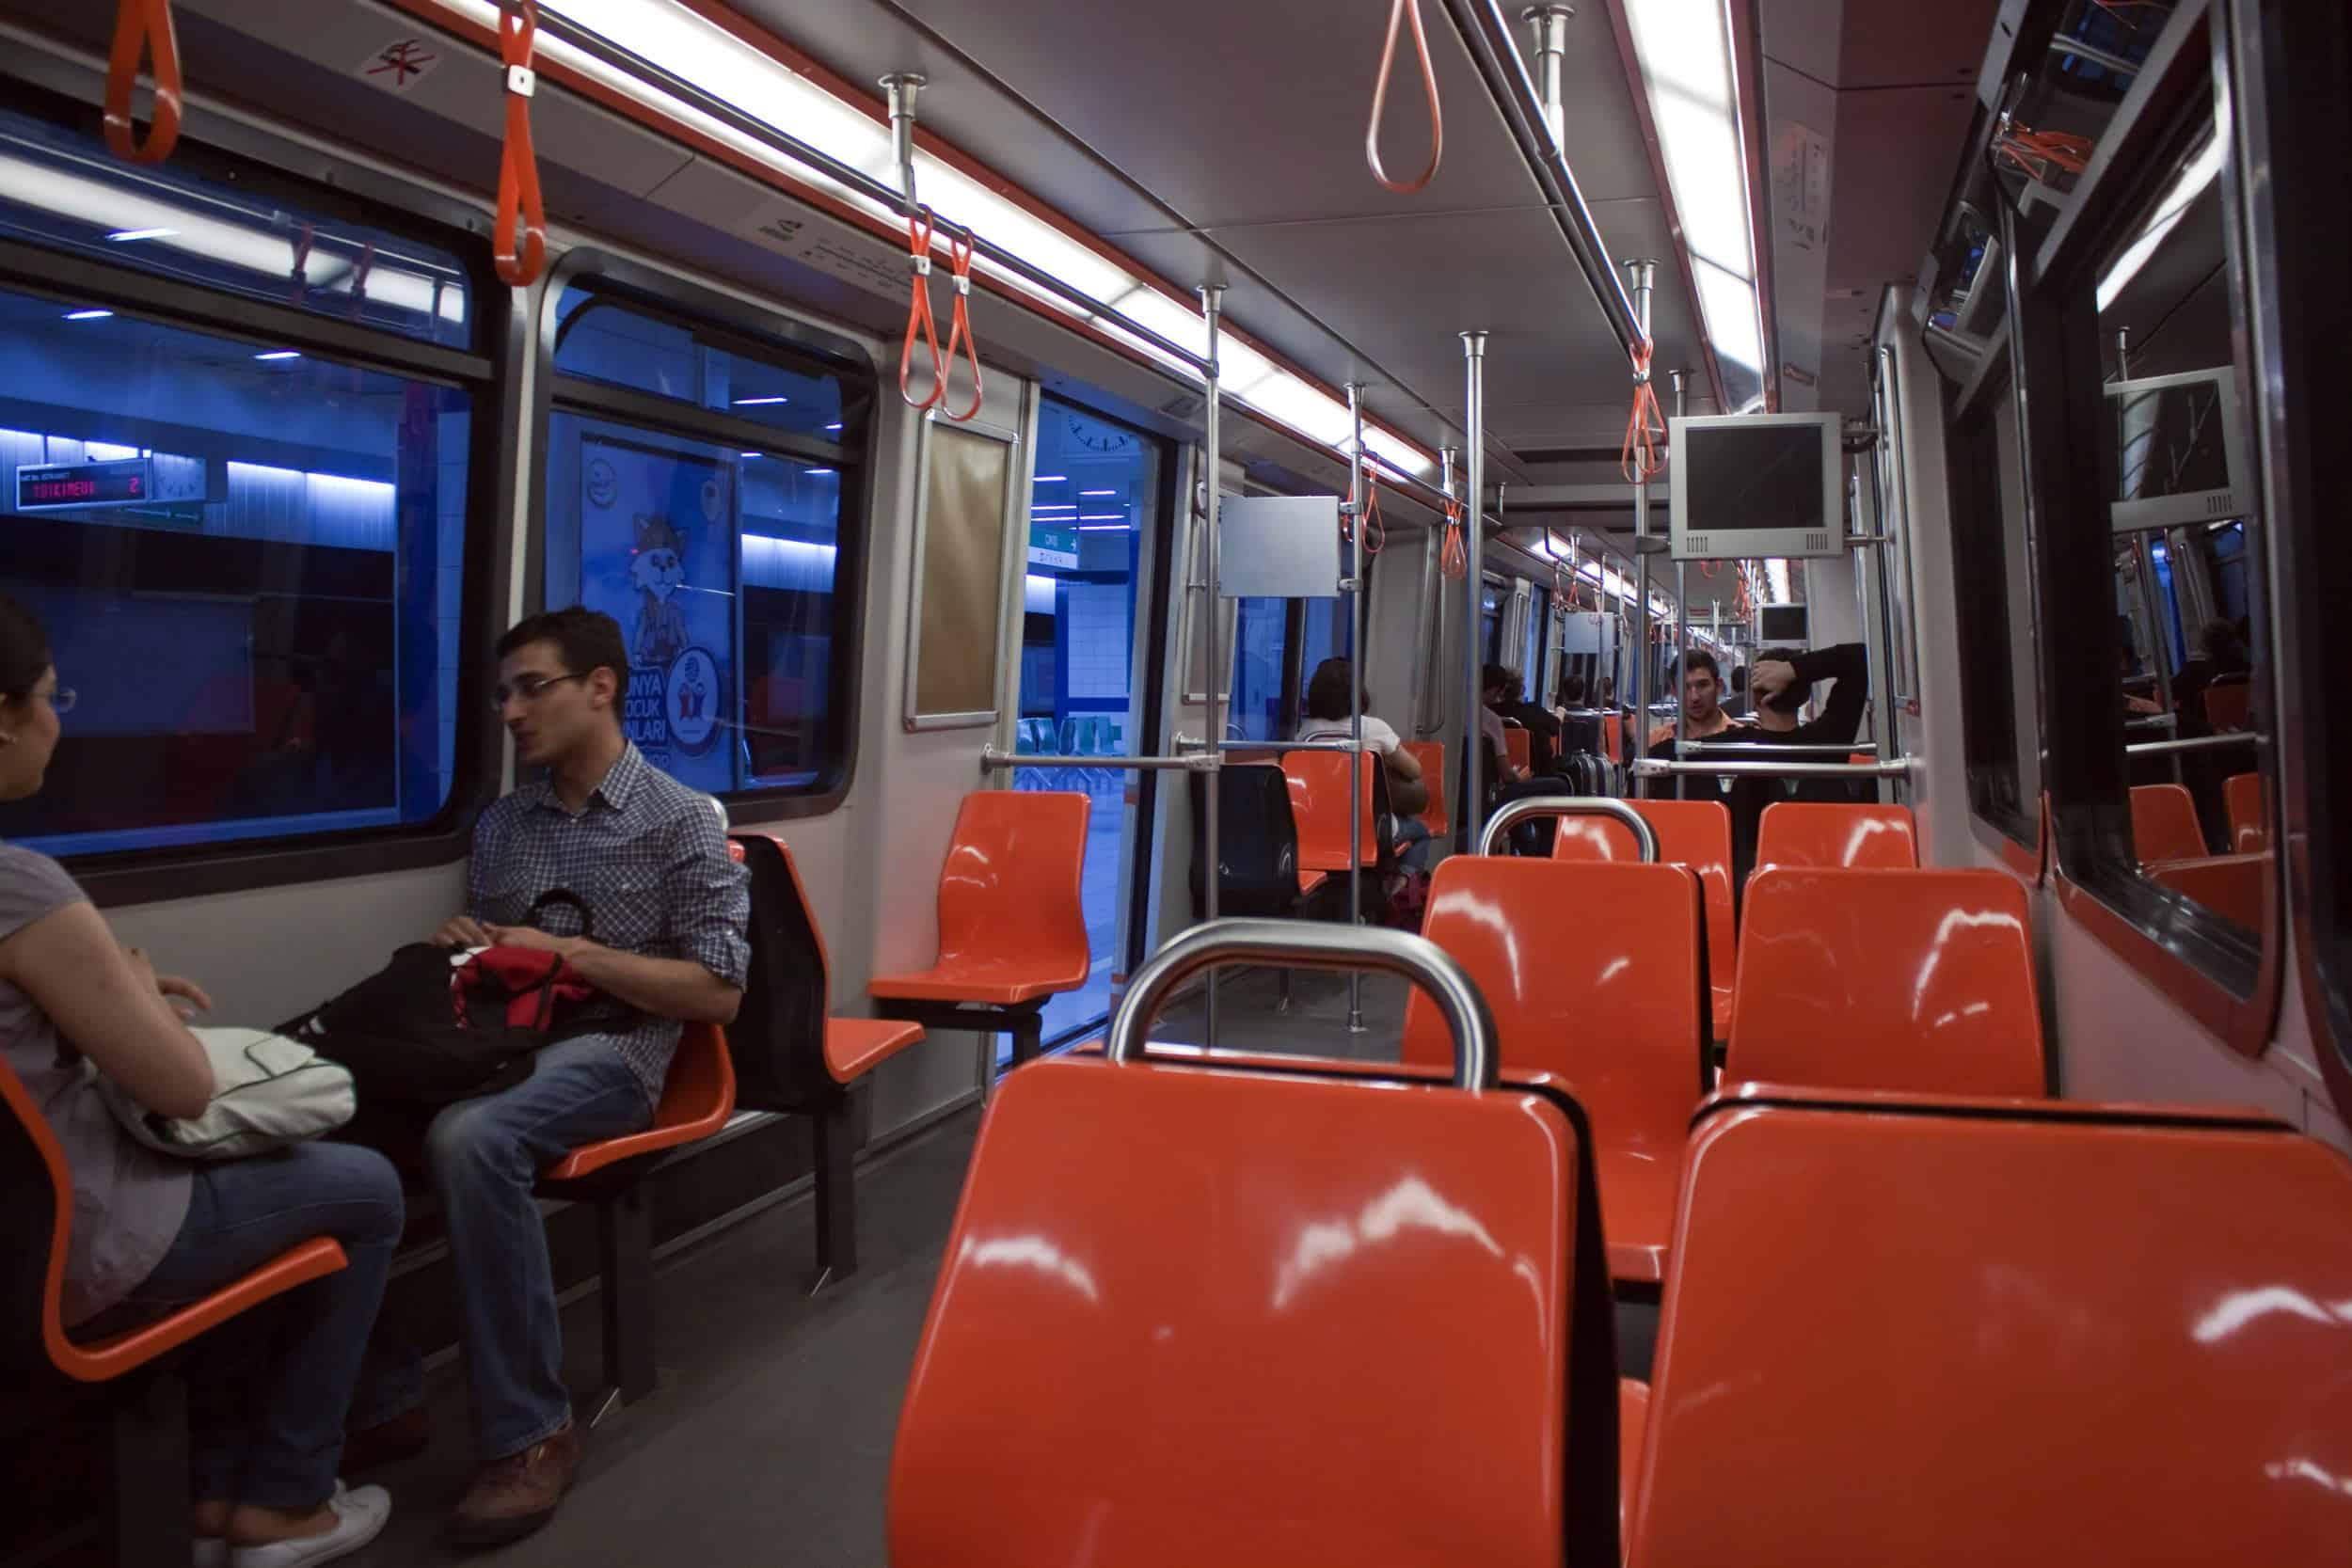 Inside of Hamburger Hochbahn